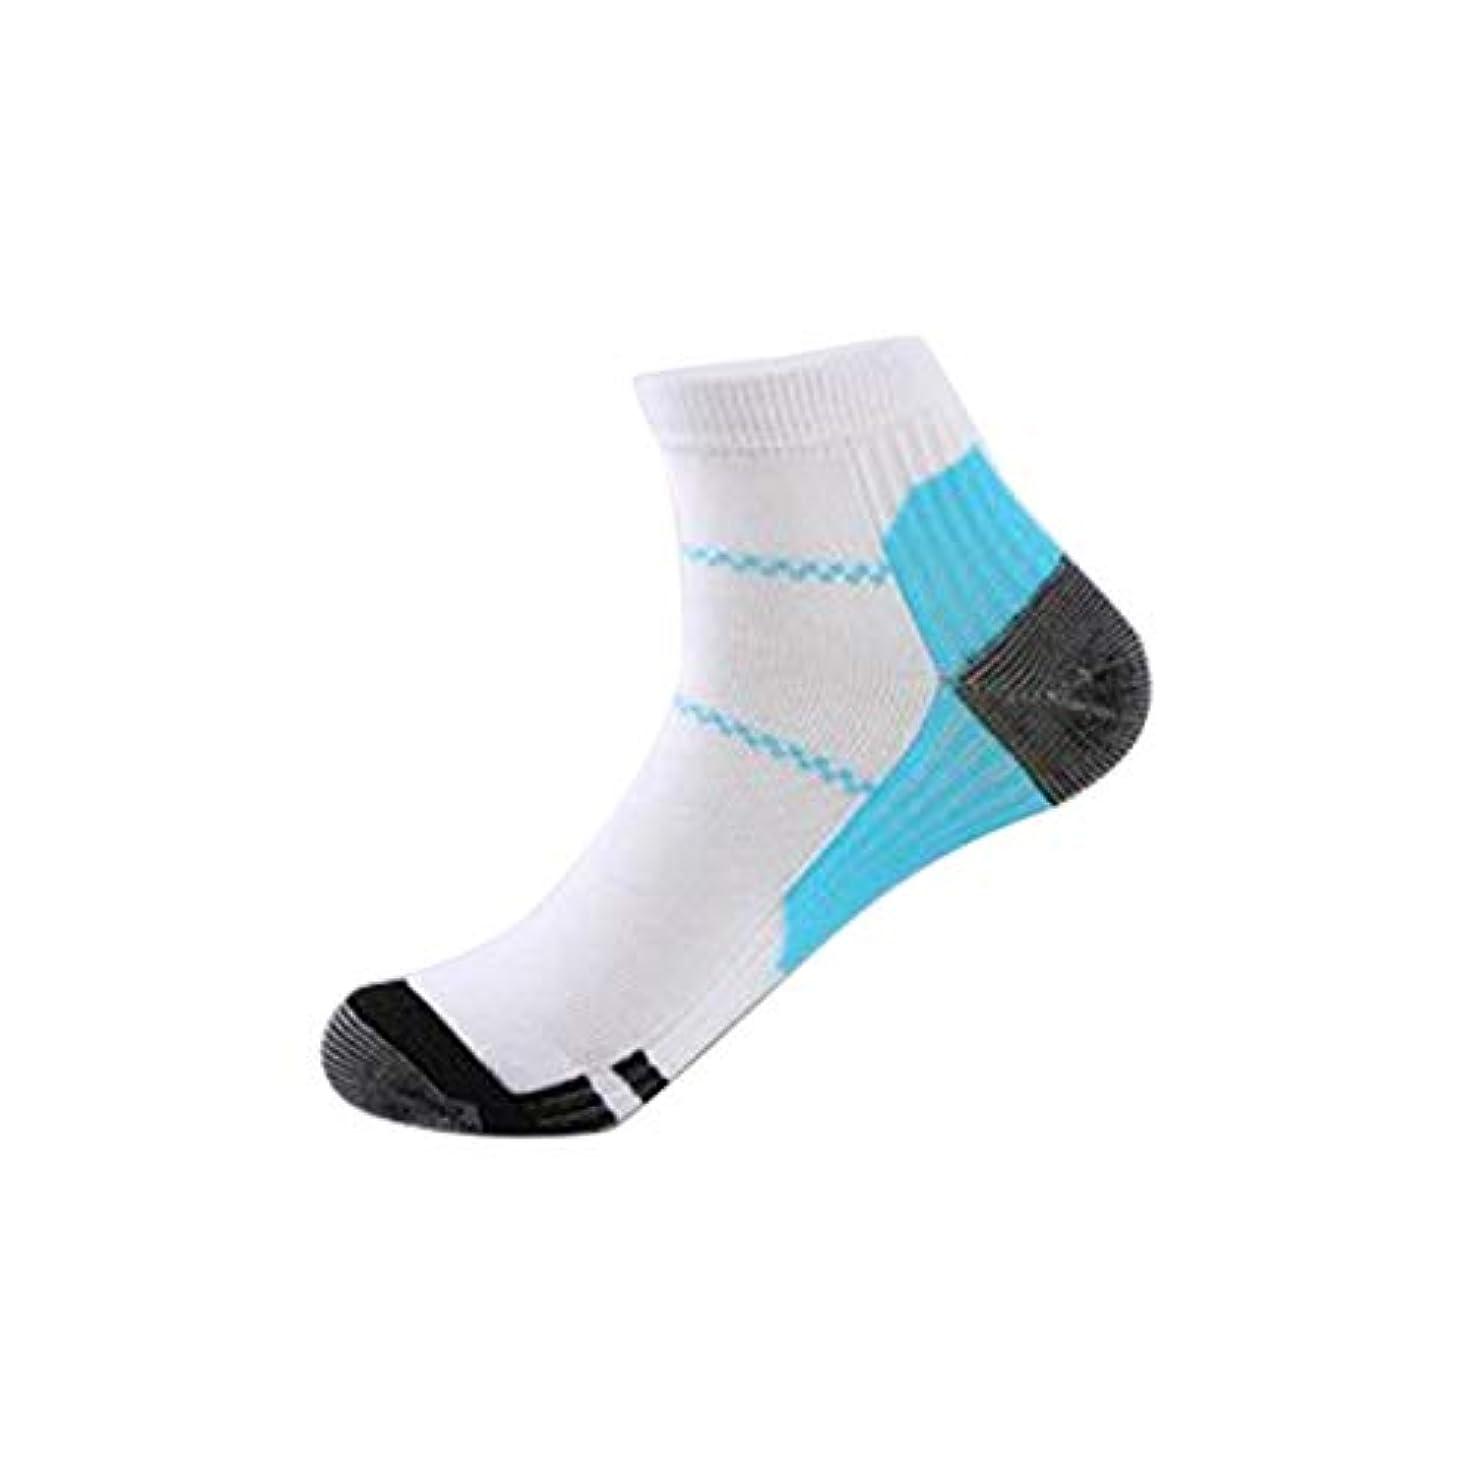 充実オゾンエール丈夫な男性女性プロの圧縮靴下通気性のある旅行活動看護師用シントスプリントフライトトラベル - 肌色